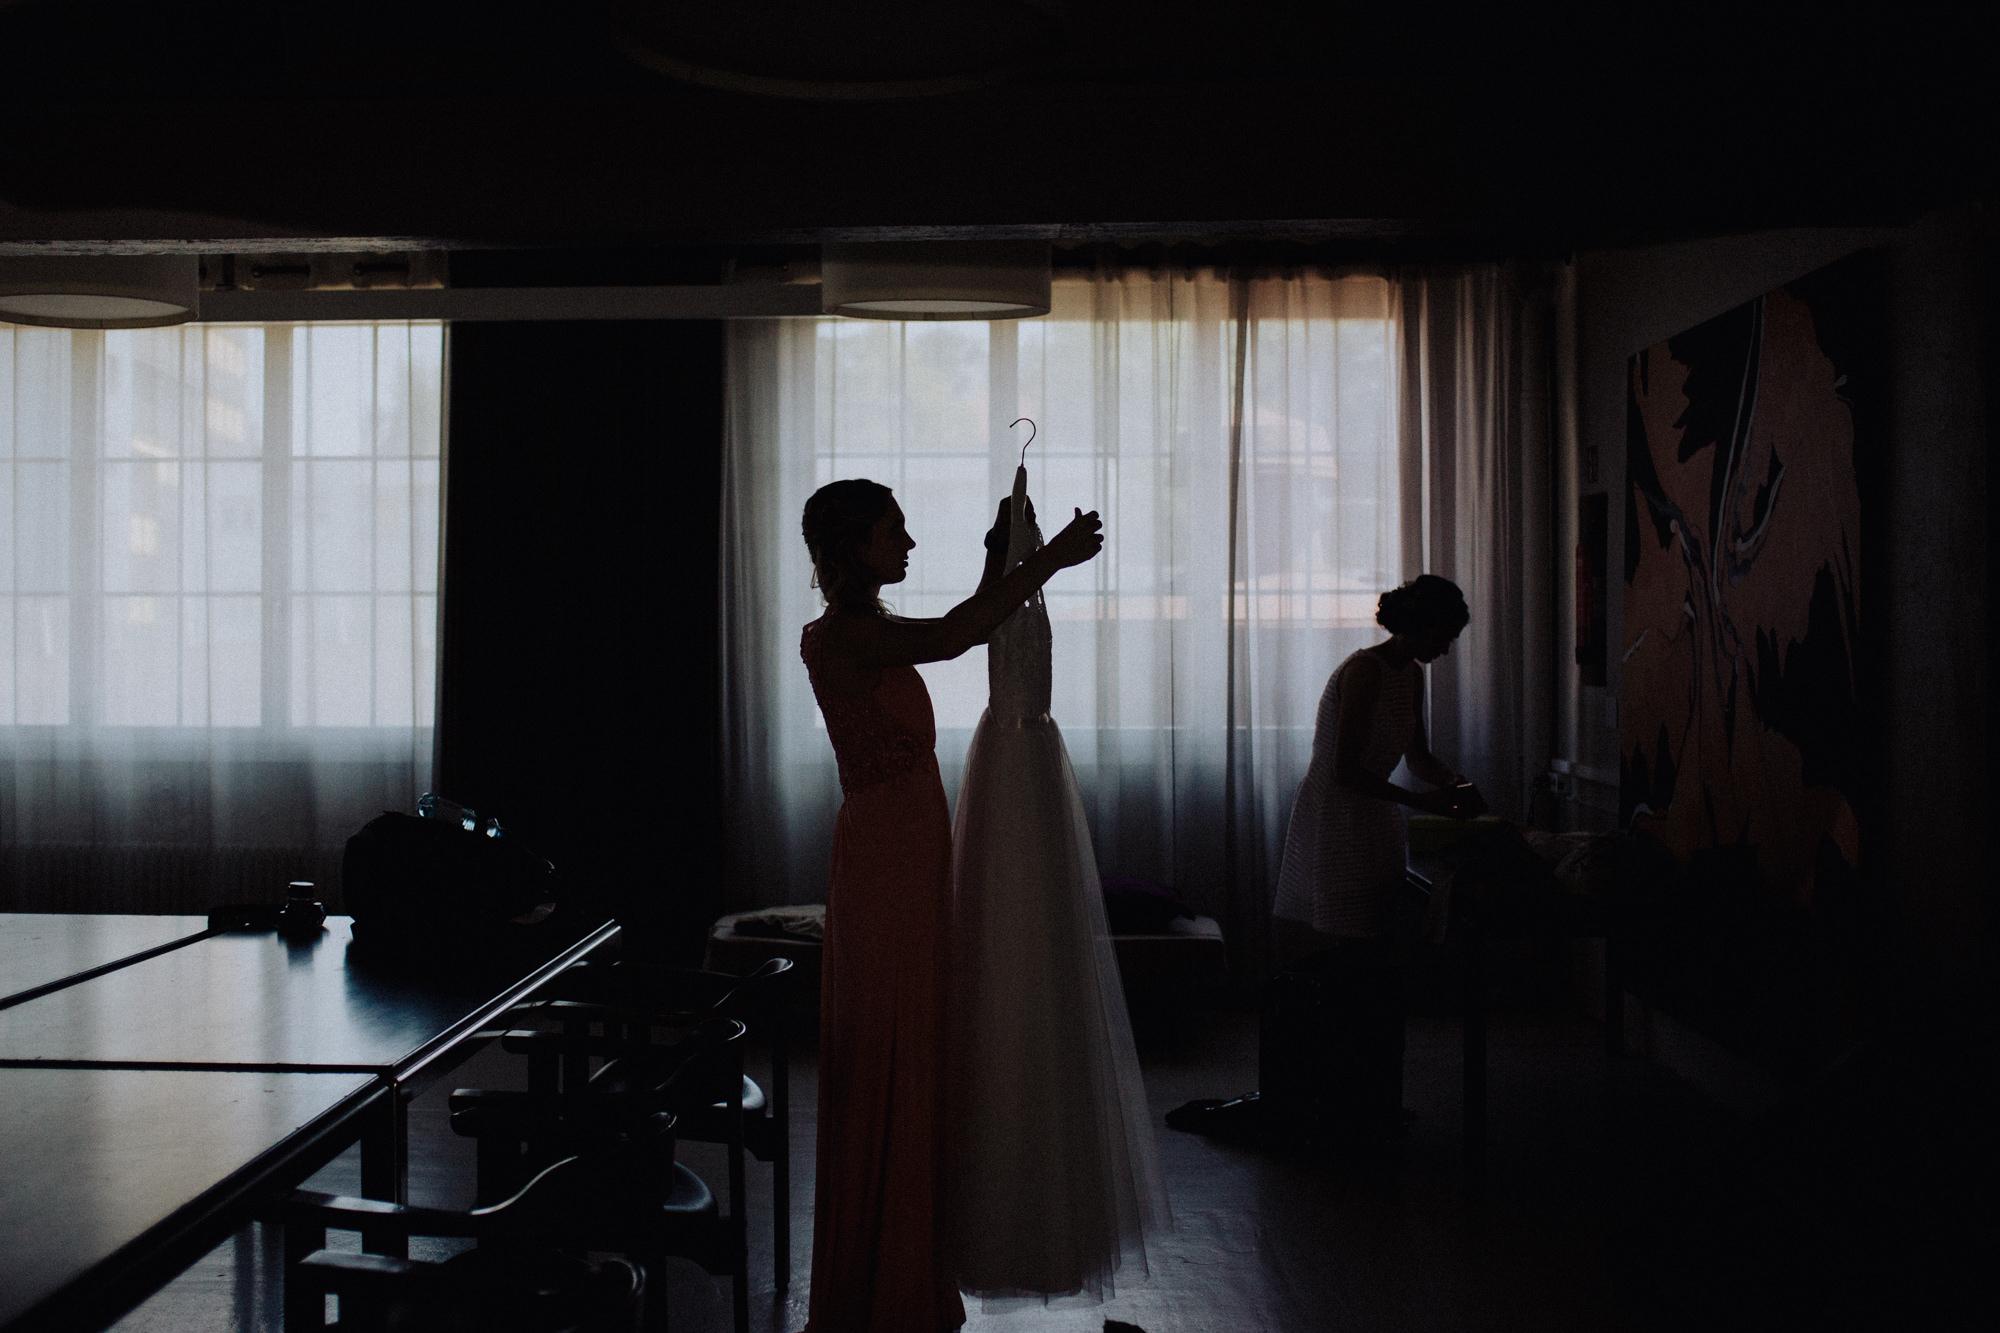 Joni&Aurelia_Wedding_DieGiesserei_Zurich_ManonPauffinPhotography__MG_2243_LOres